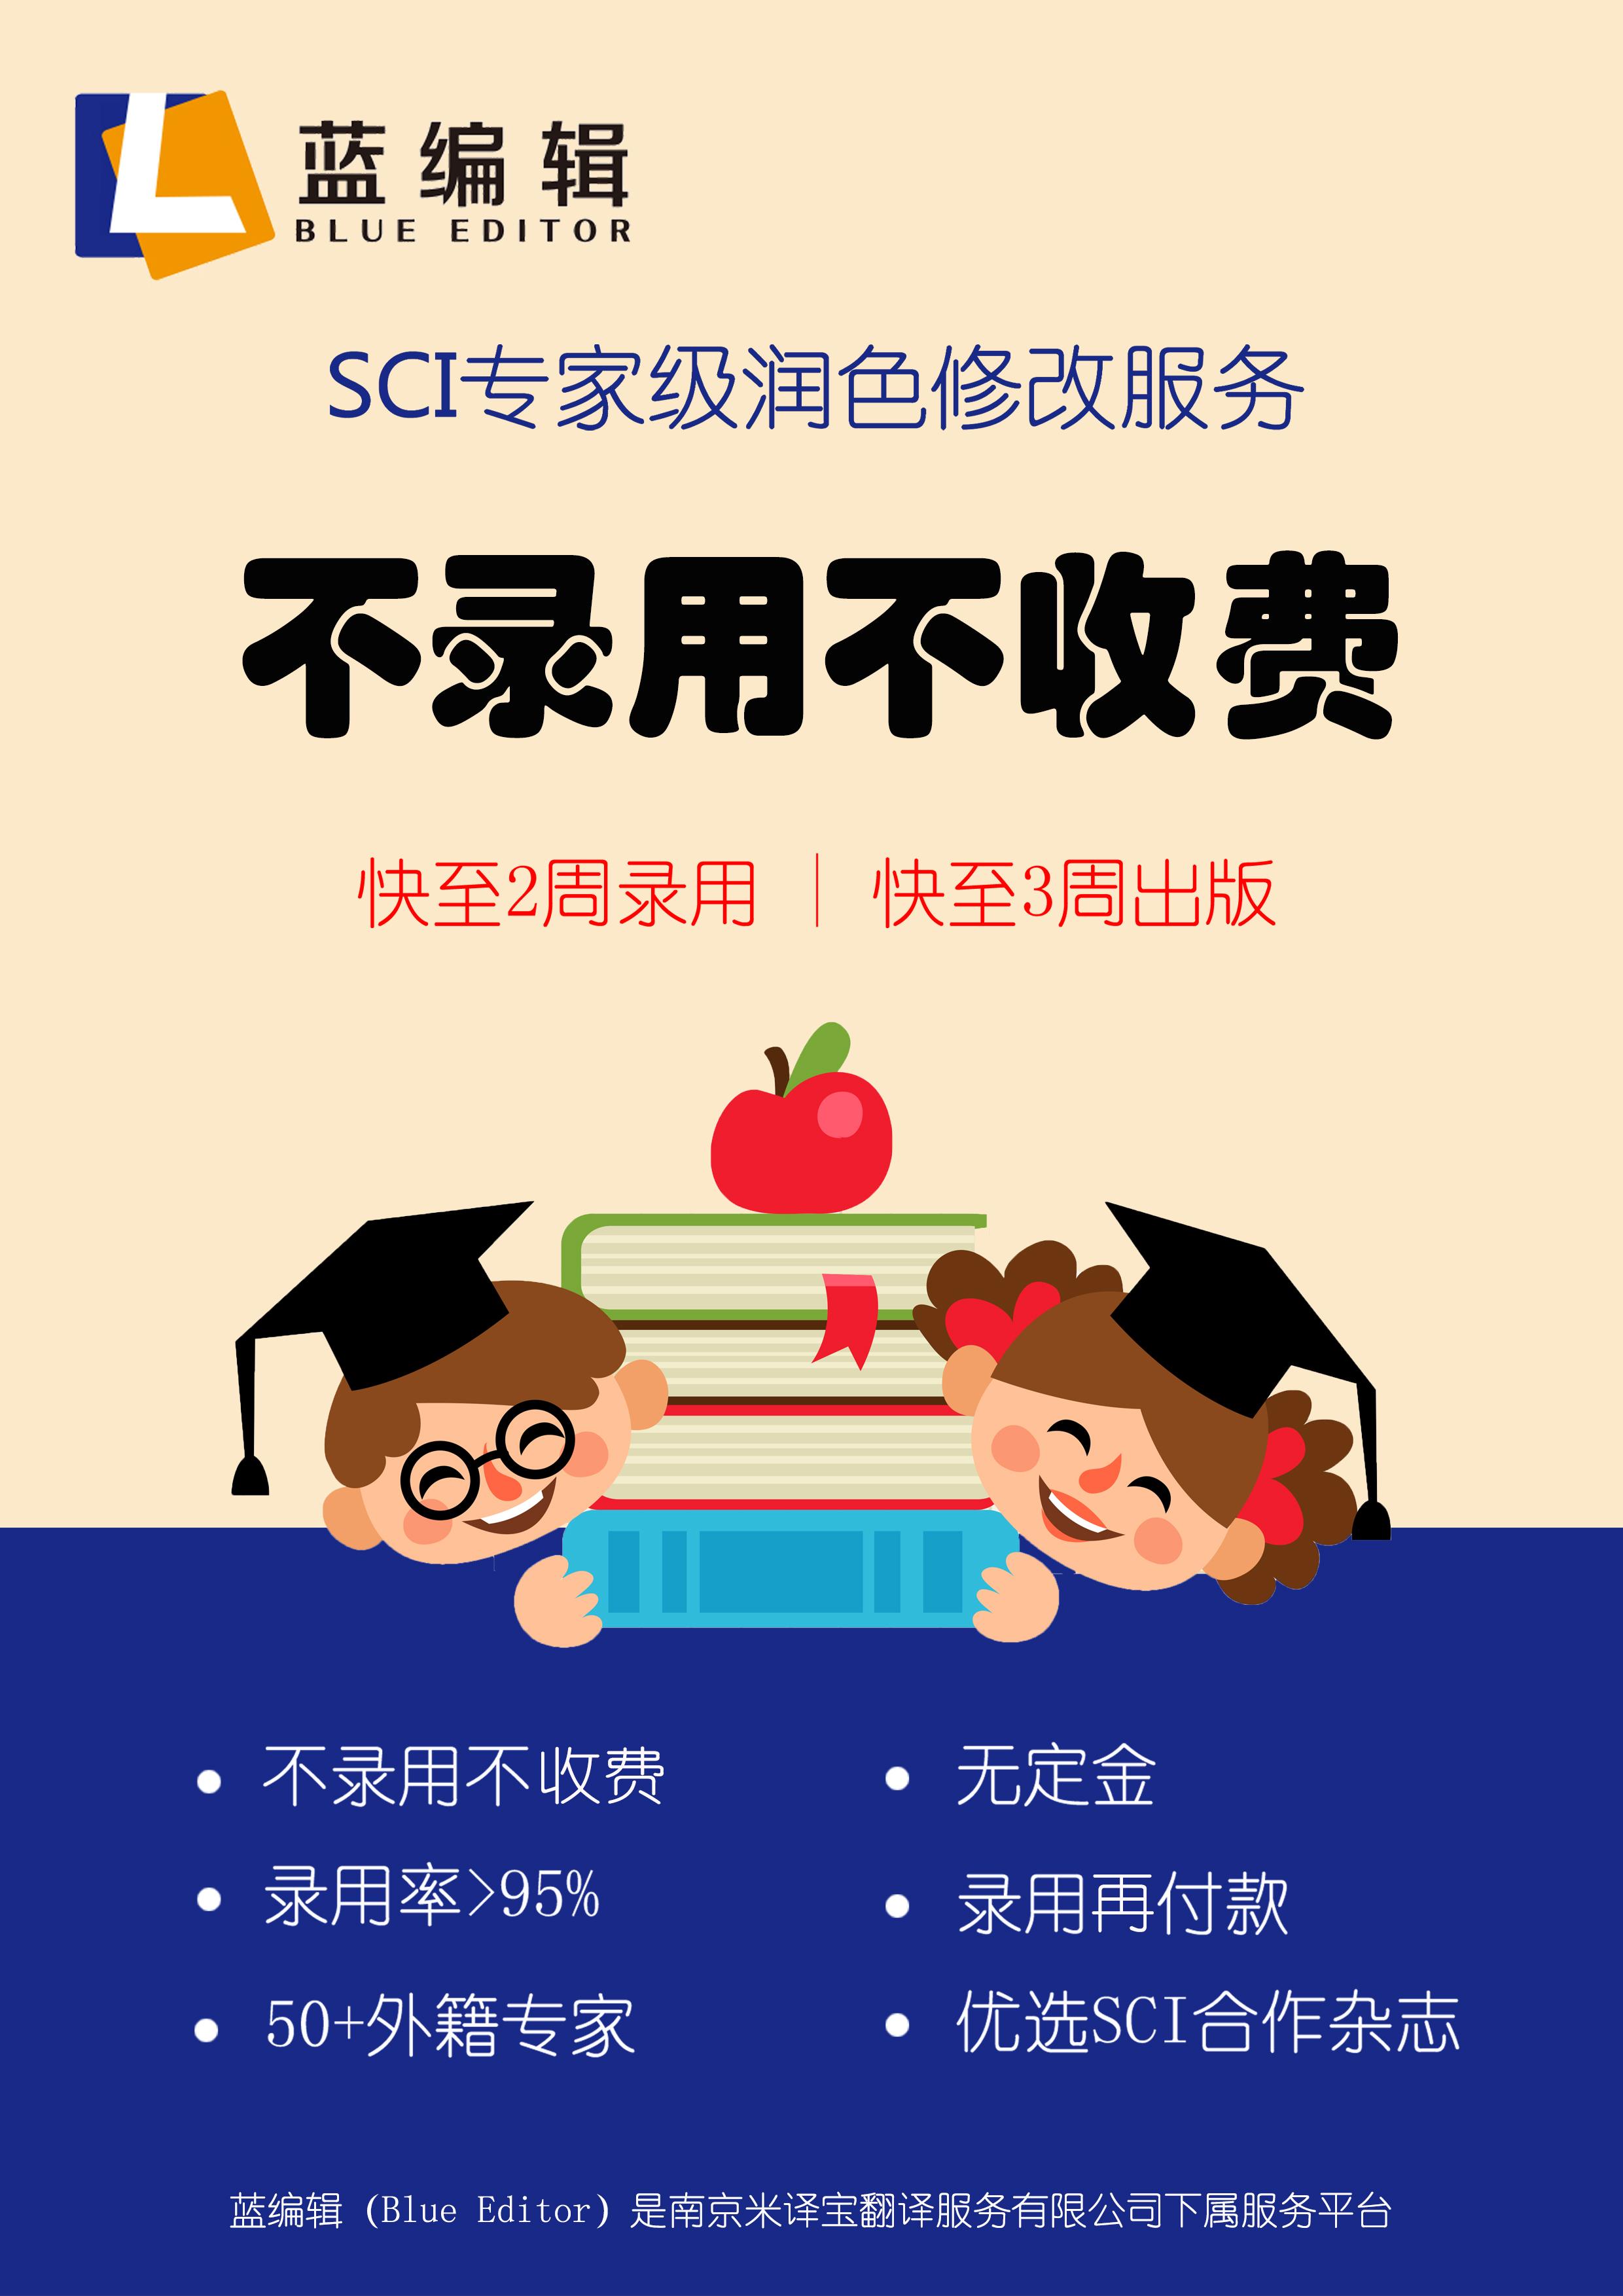 SCI专家级润色修改服务(不录用不收费)